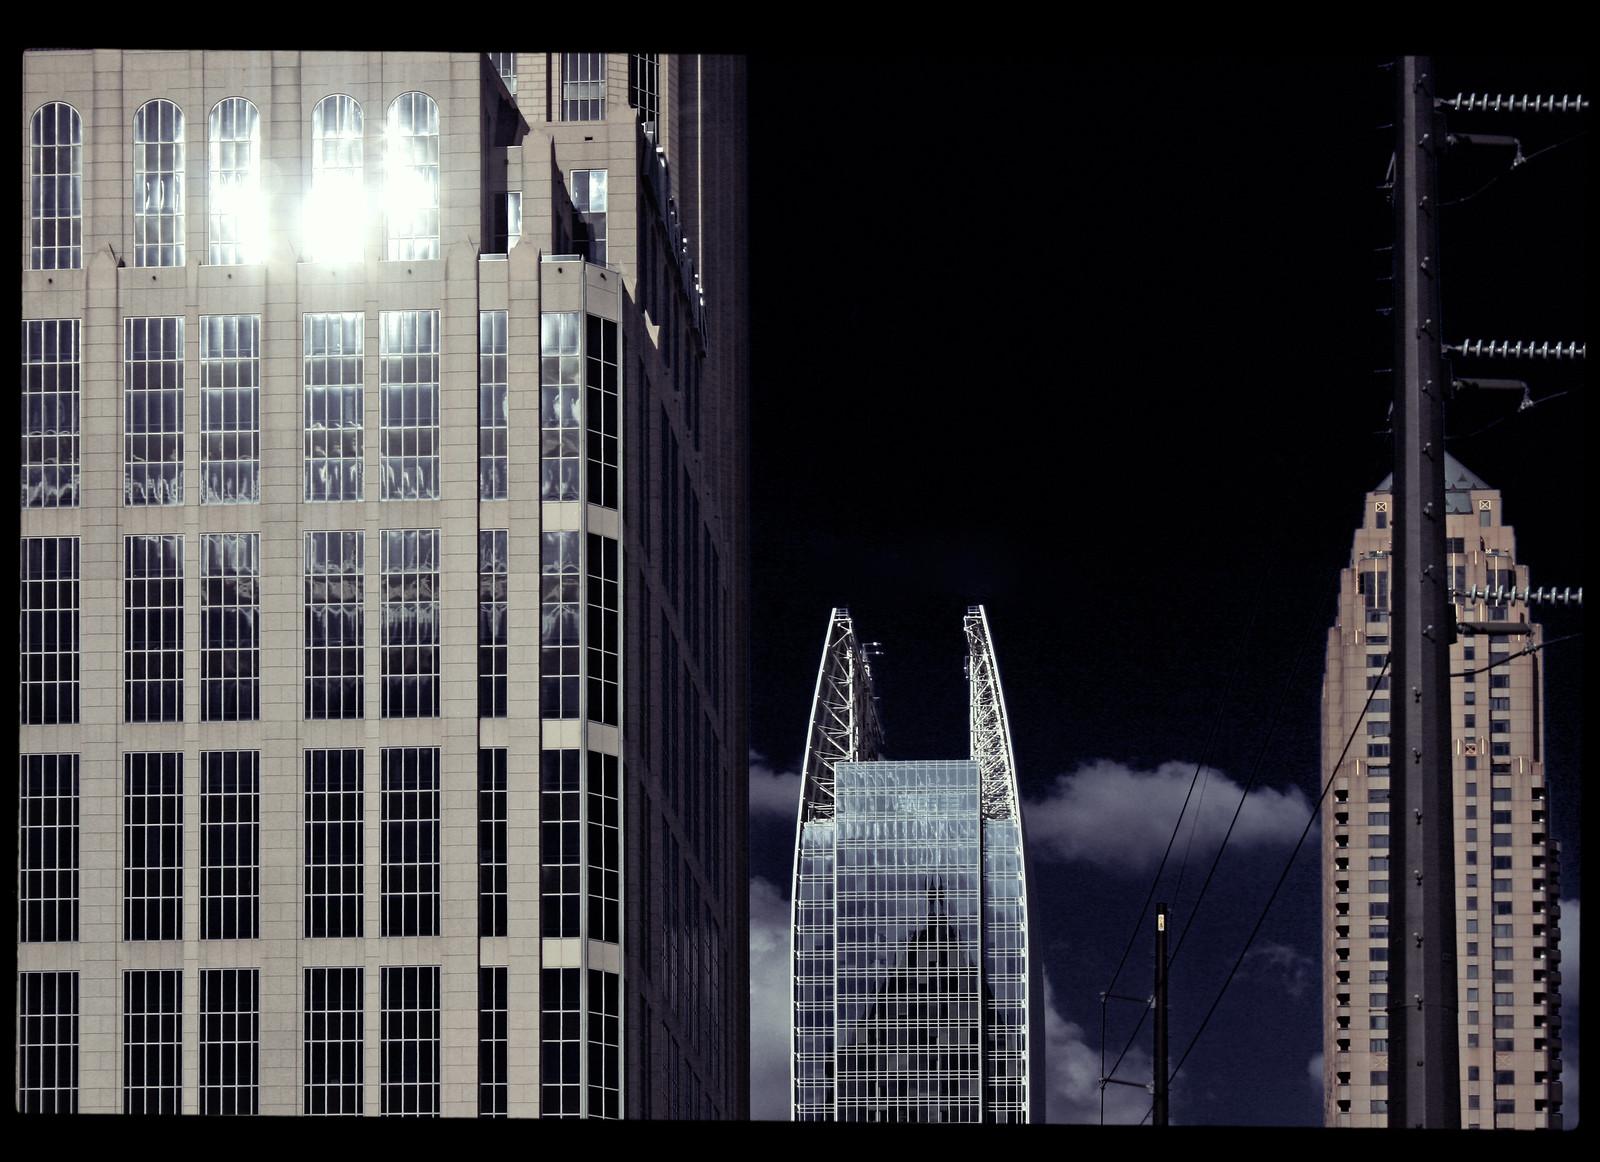 Midtown, June, 2013